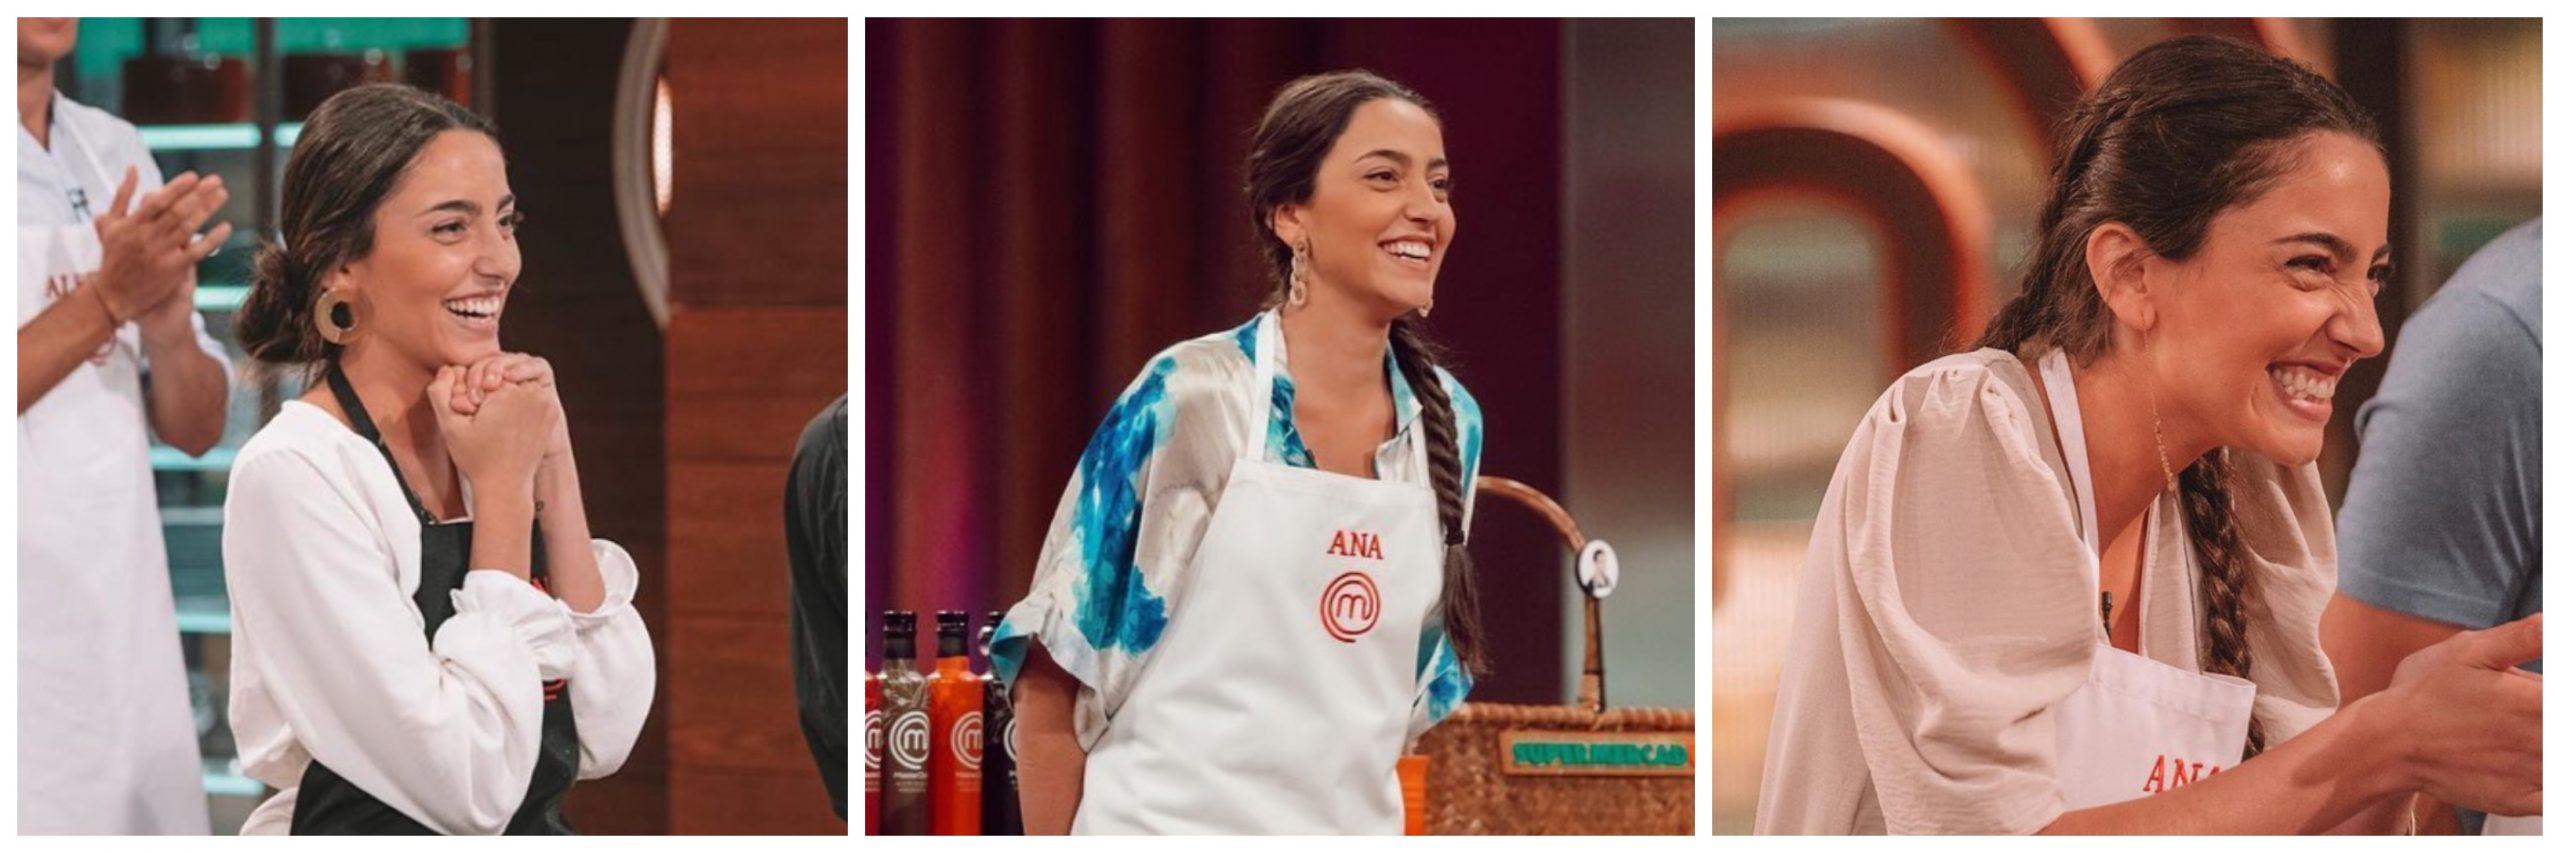 Ana, la ganadora de Masterchef en diferentes pruebas de Master Chef.